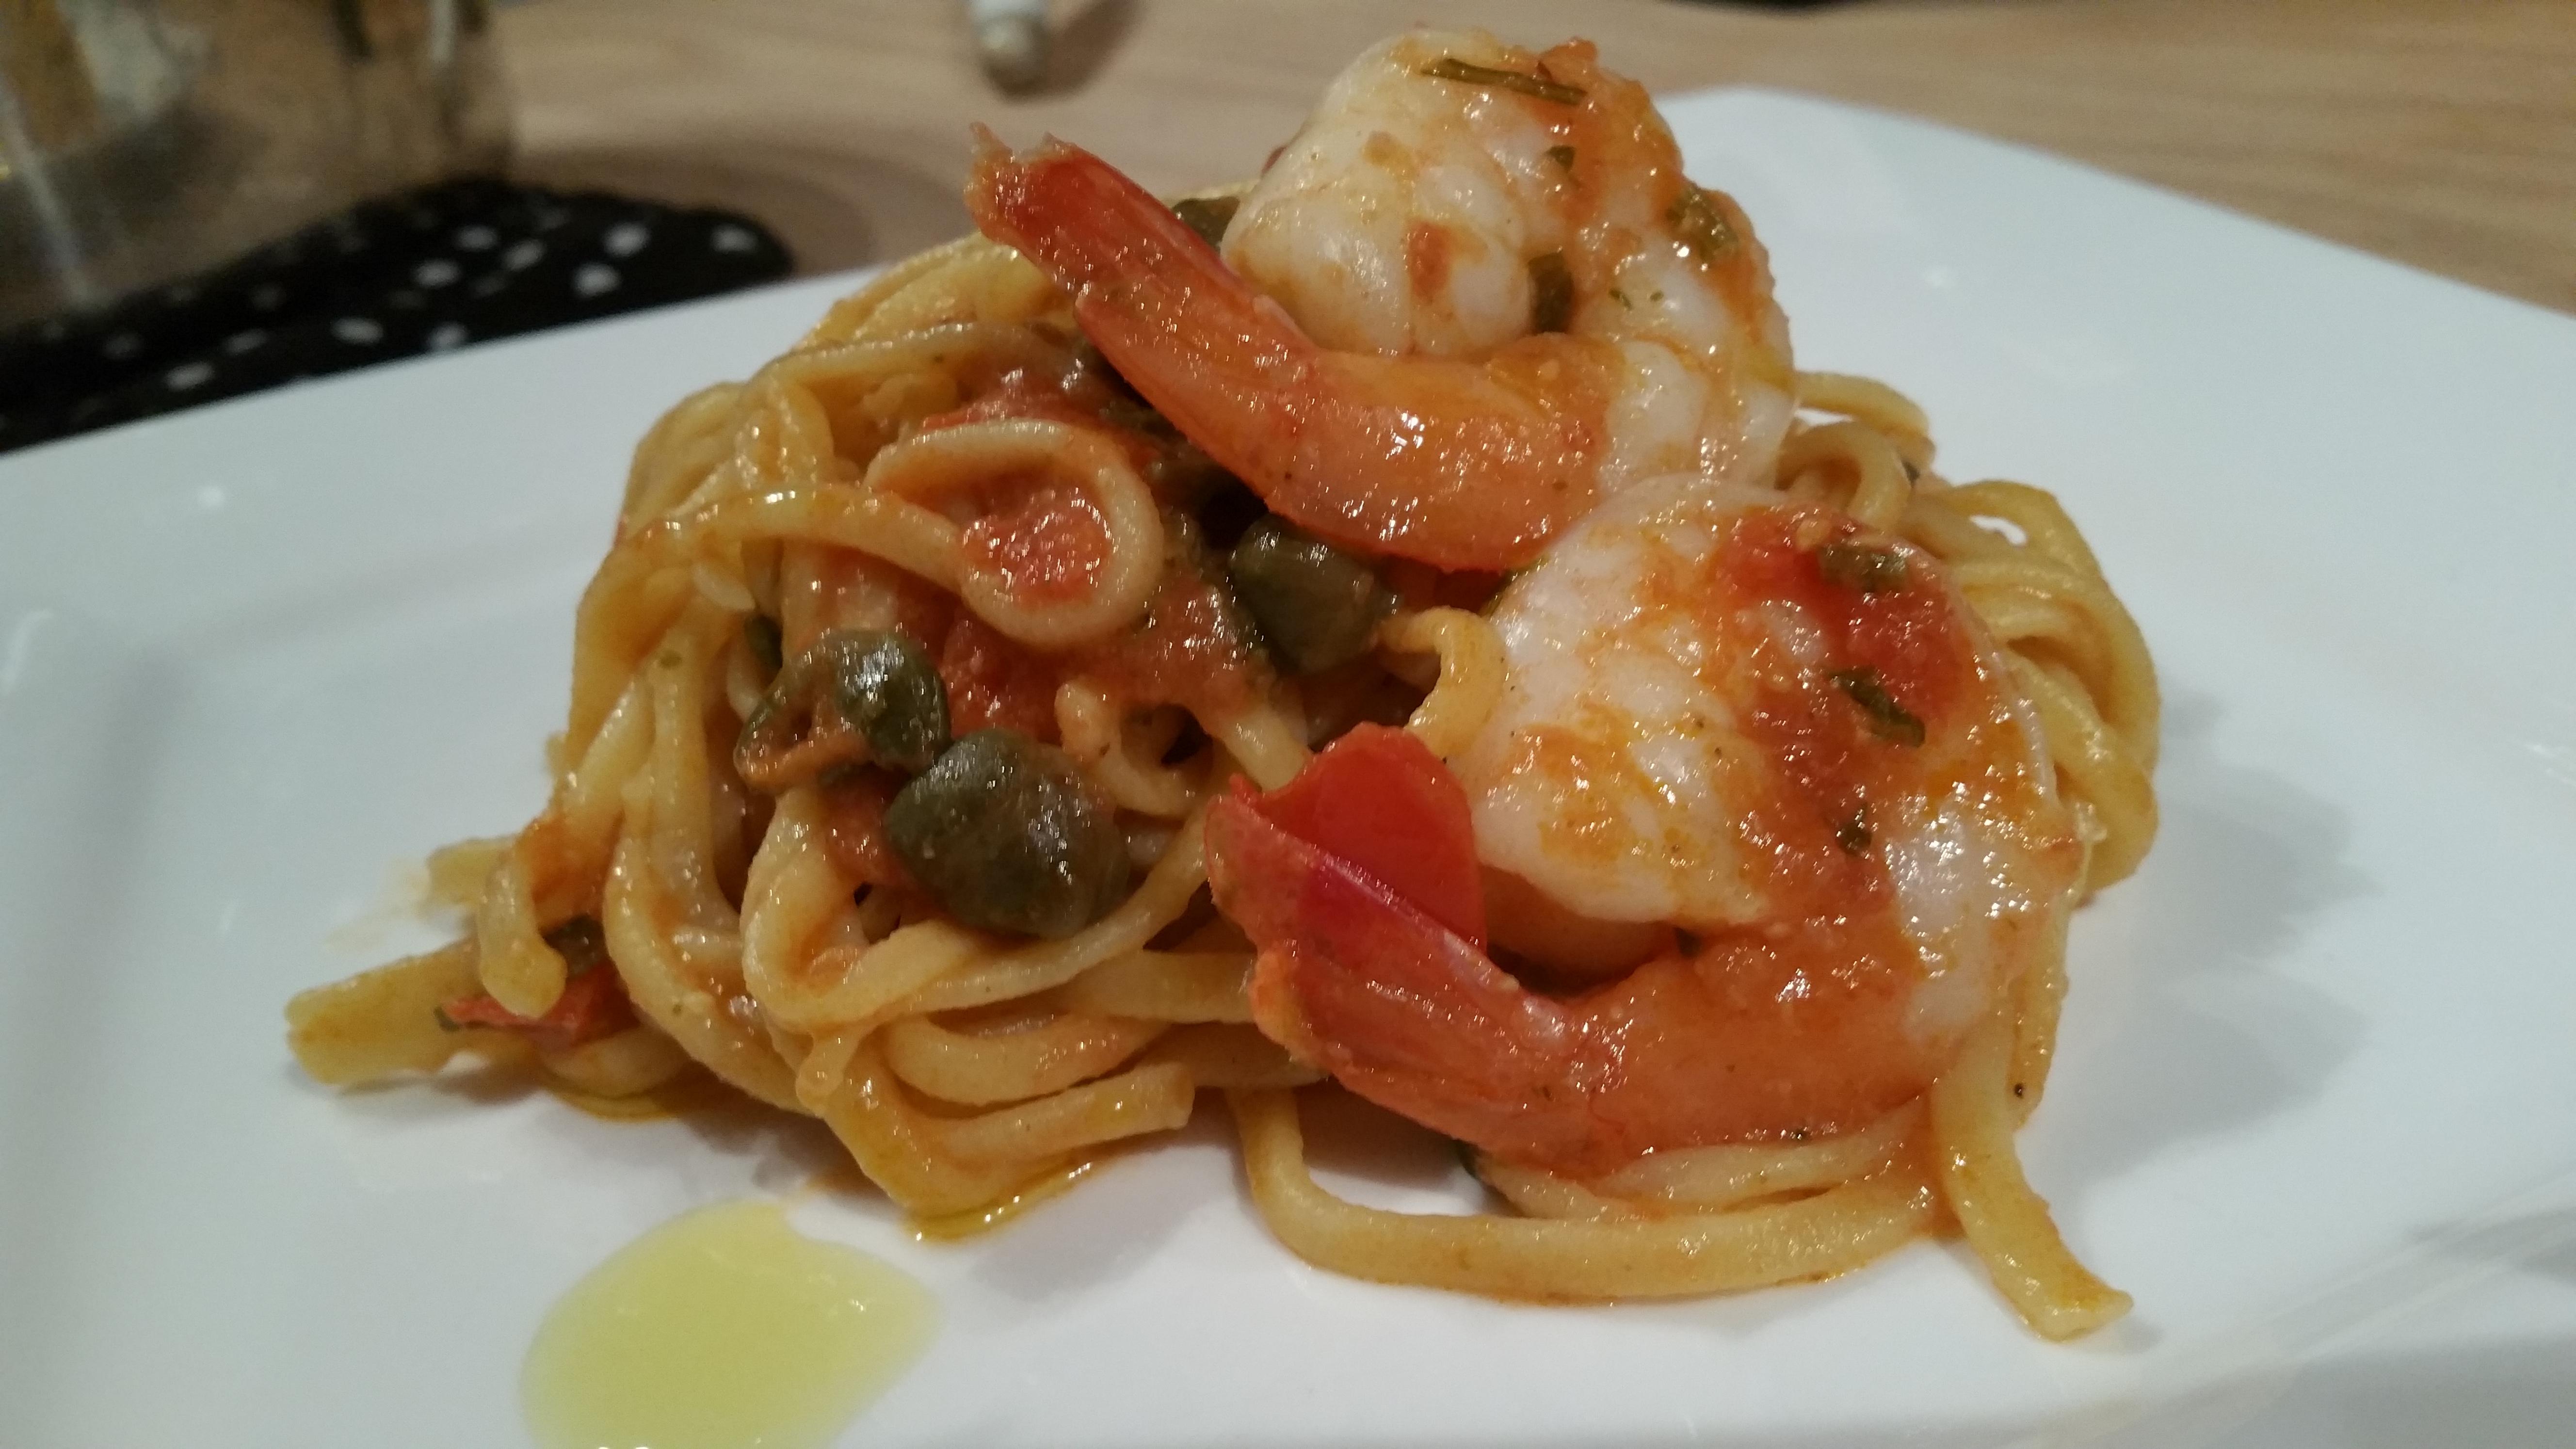 Shrimp in tomato and caper sauce